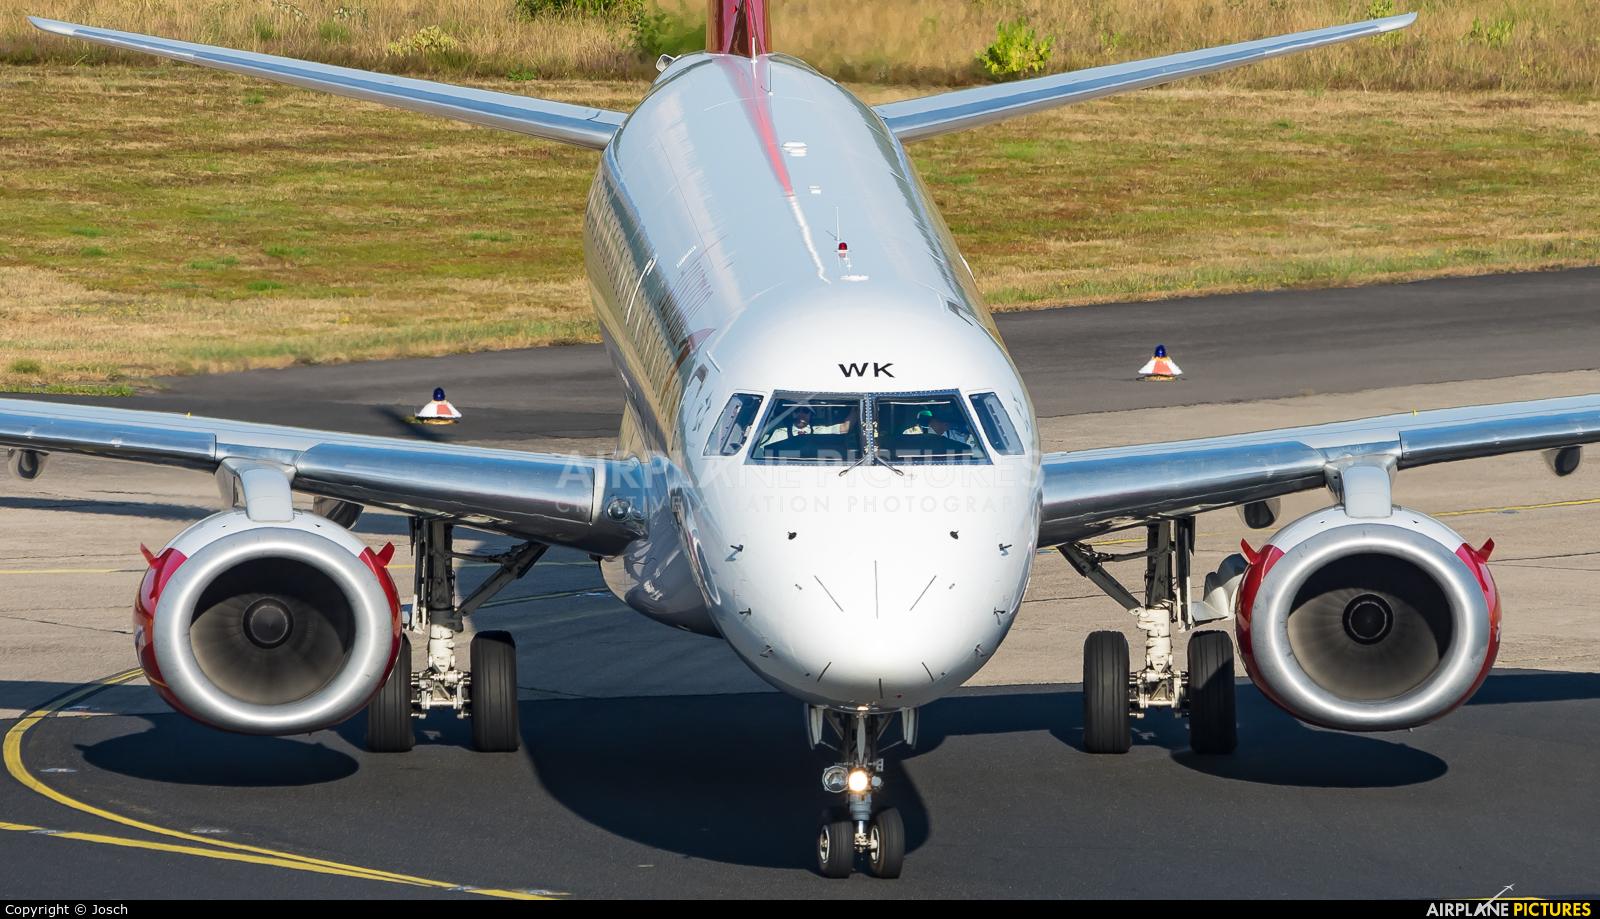 Austrian Airlines/Arrows/Tyrolean OE-LWK aircraft at Cologne Bonn - Konrad Adenauer